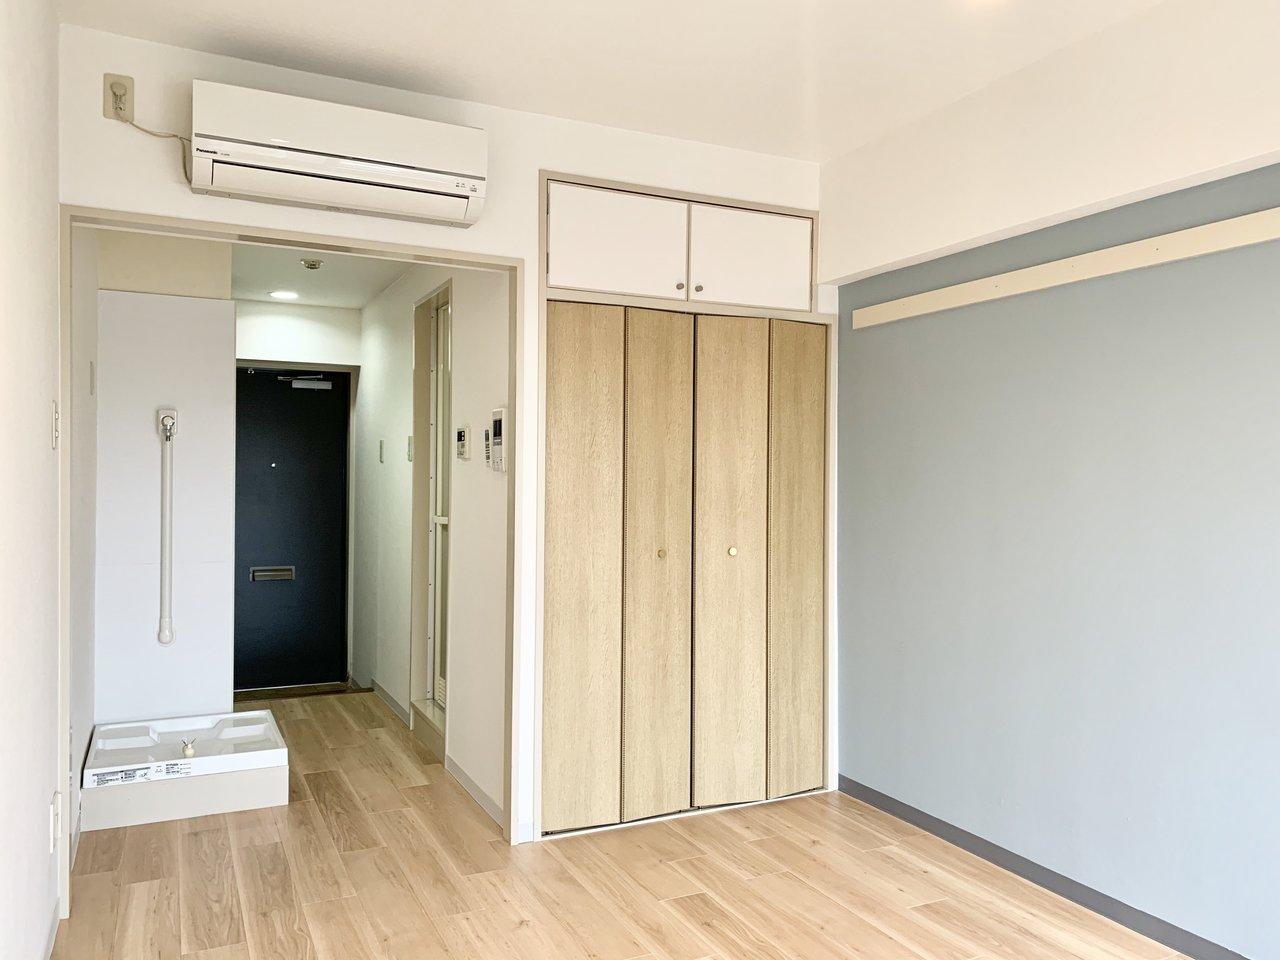 クローゼットの扉の色合いもいい感じ。中も奥行きがあって、荷物もかなりの量を収納できそうです。ちなみにお部屋の広さは8.1畳!1人暮らしであれば、十分広々使えそうです。